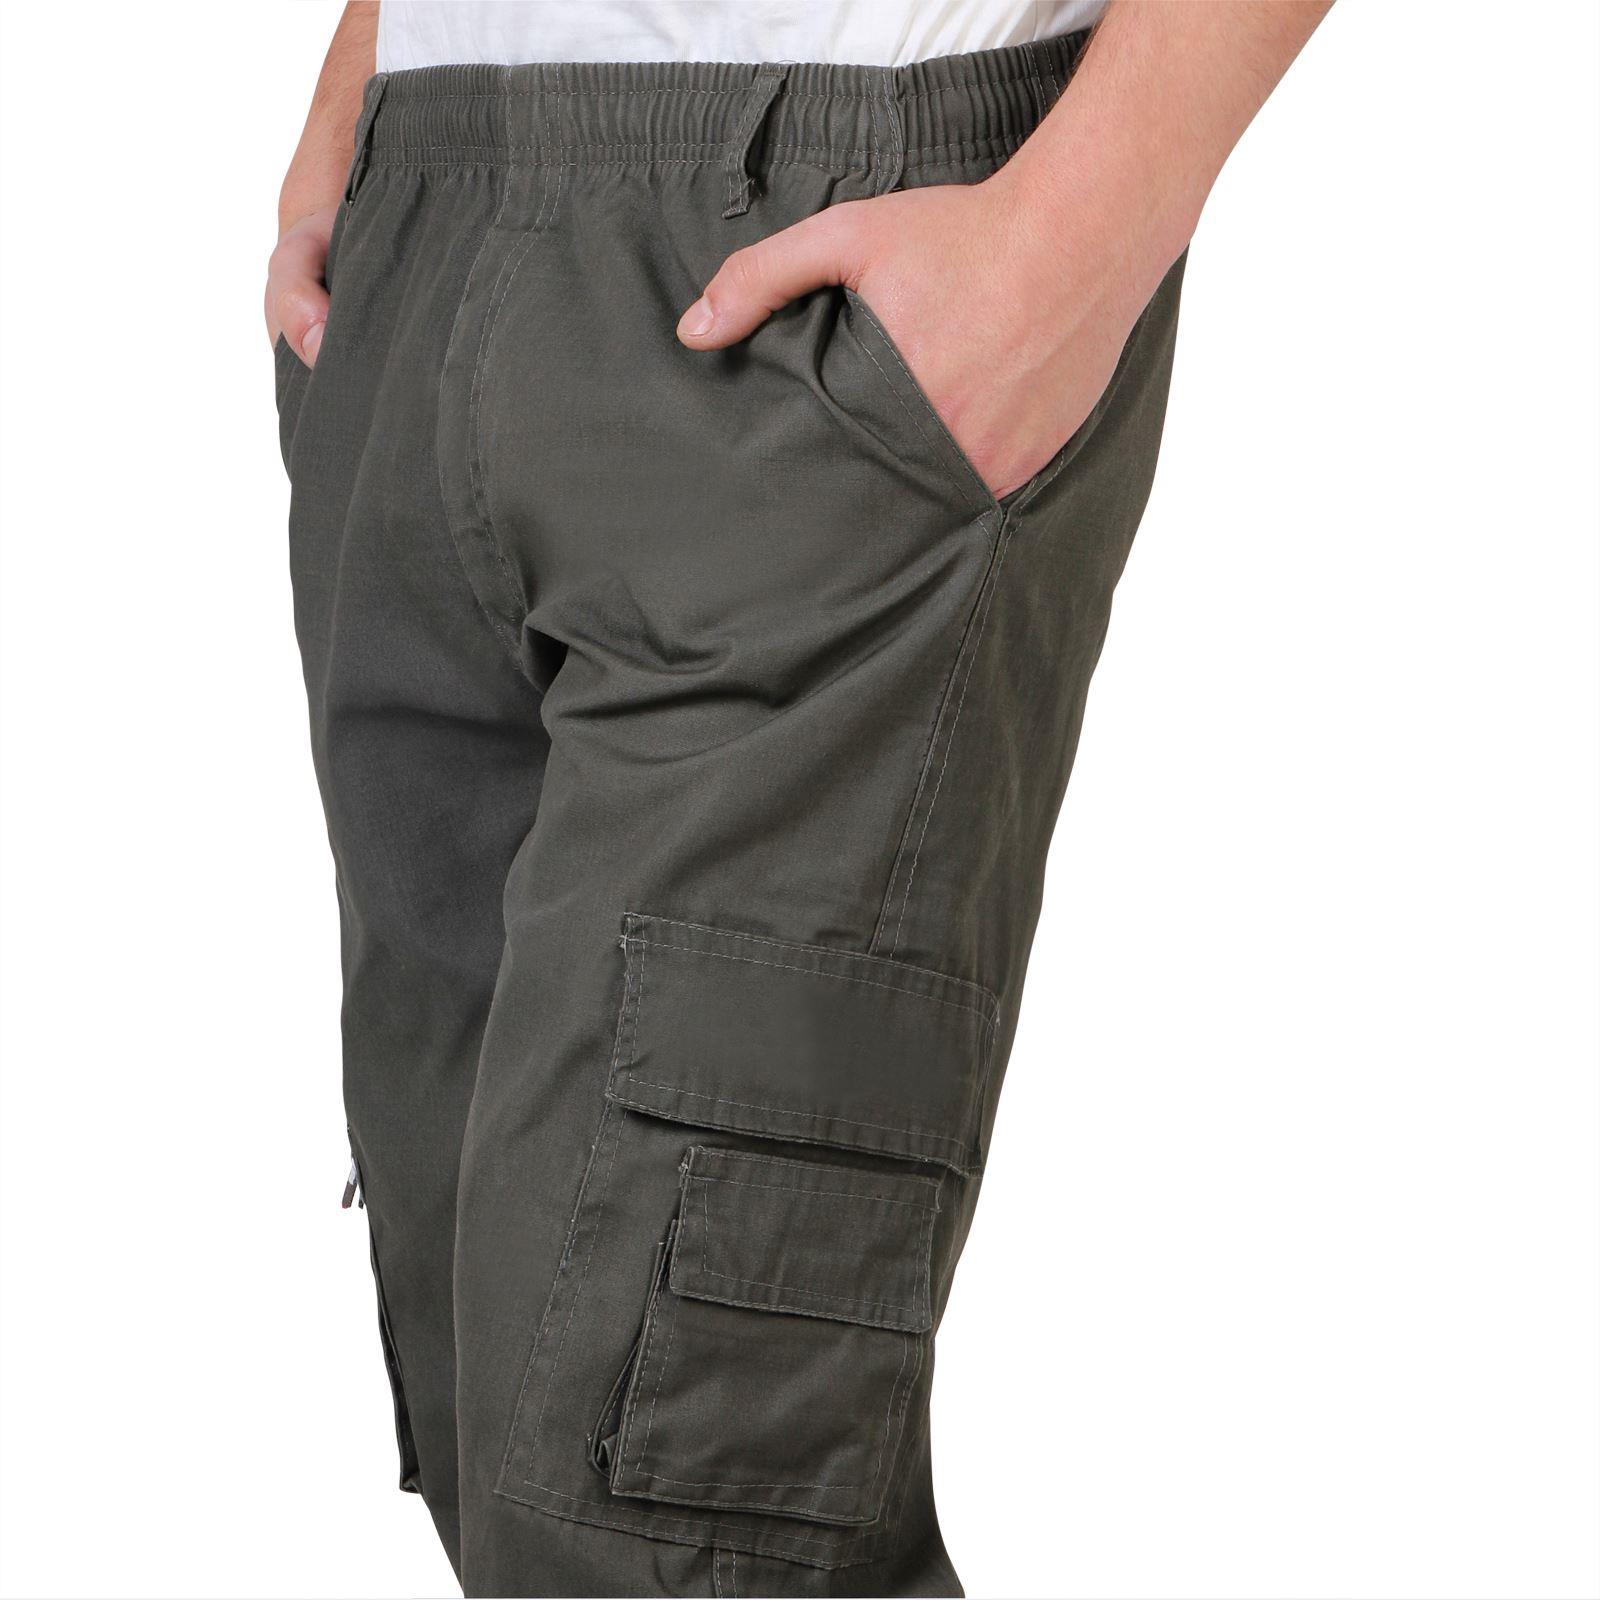 Uomo-Militare-Cargo-Pantaloni-Cotone-Lavoro-Chino-Casual-Kaki miniatura 10